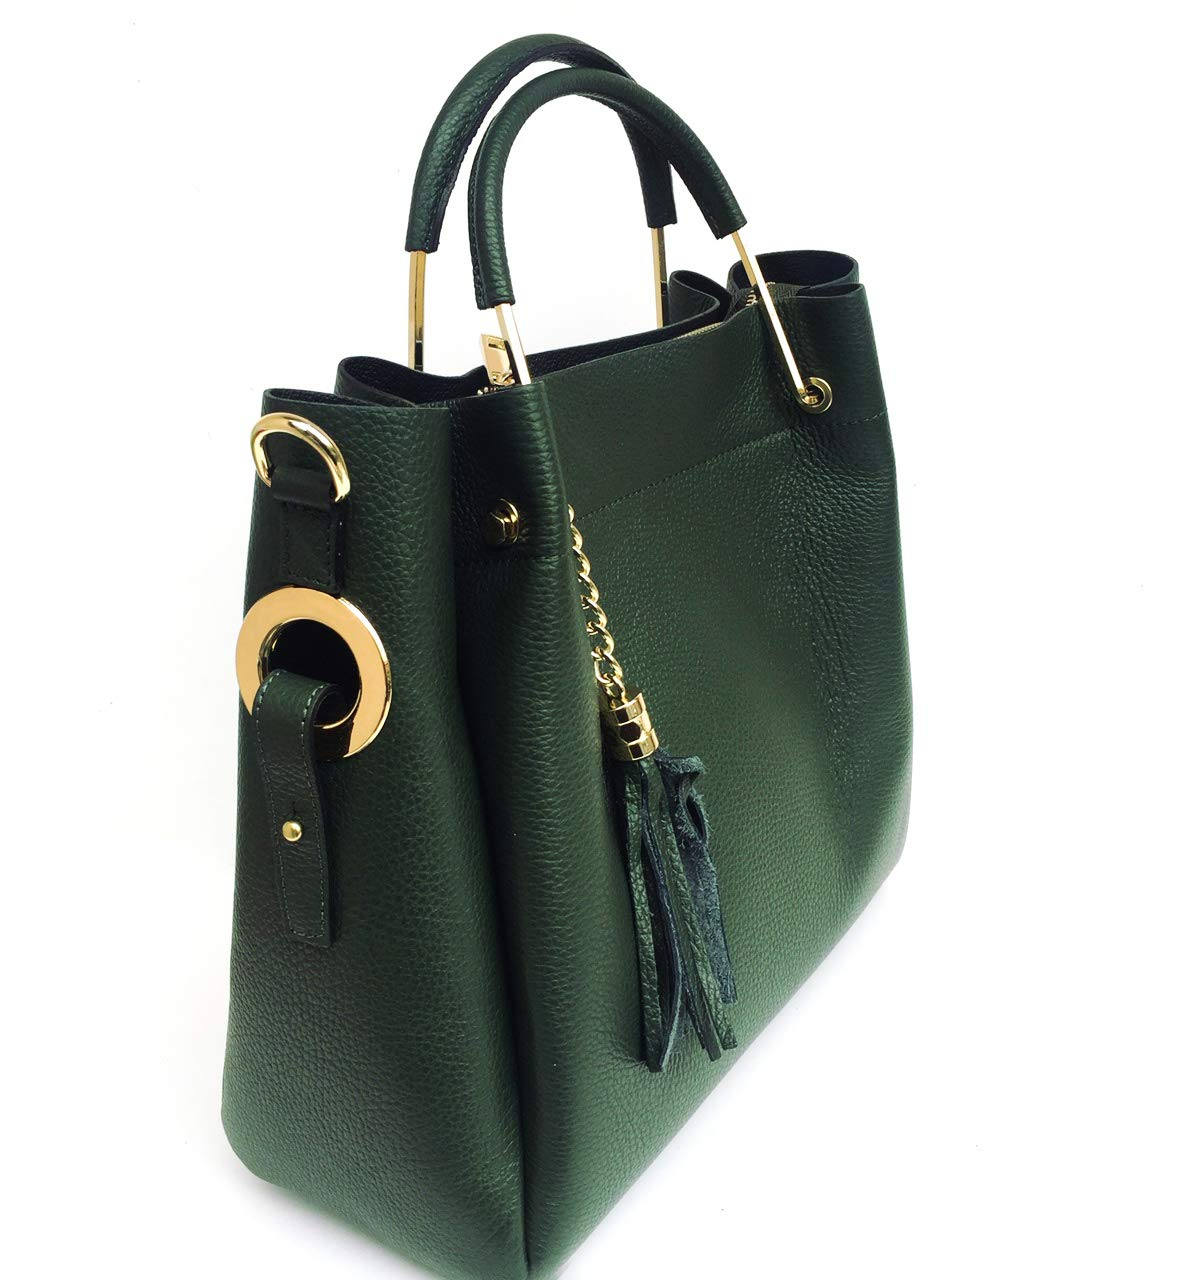 Superflybags handväska modell Manuela superflybags handväska och axelväska i äkta läder tillverkad i Italien Mörkgrön